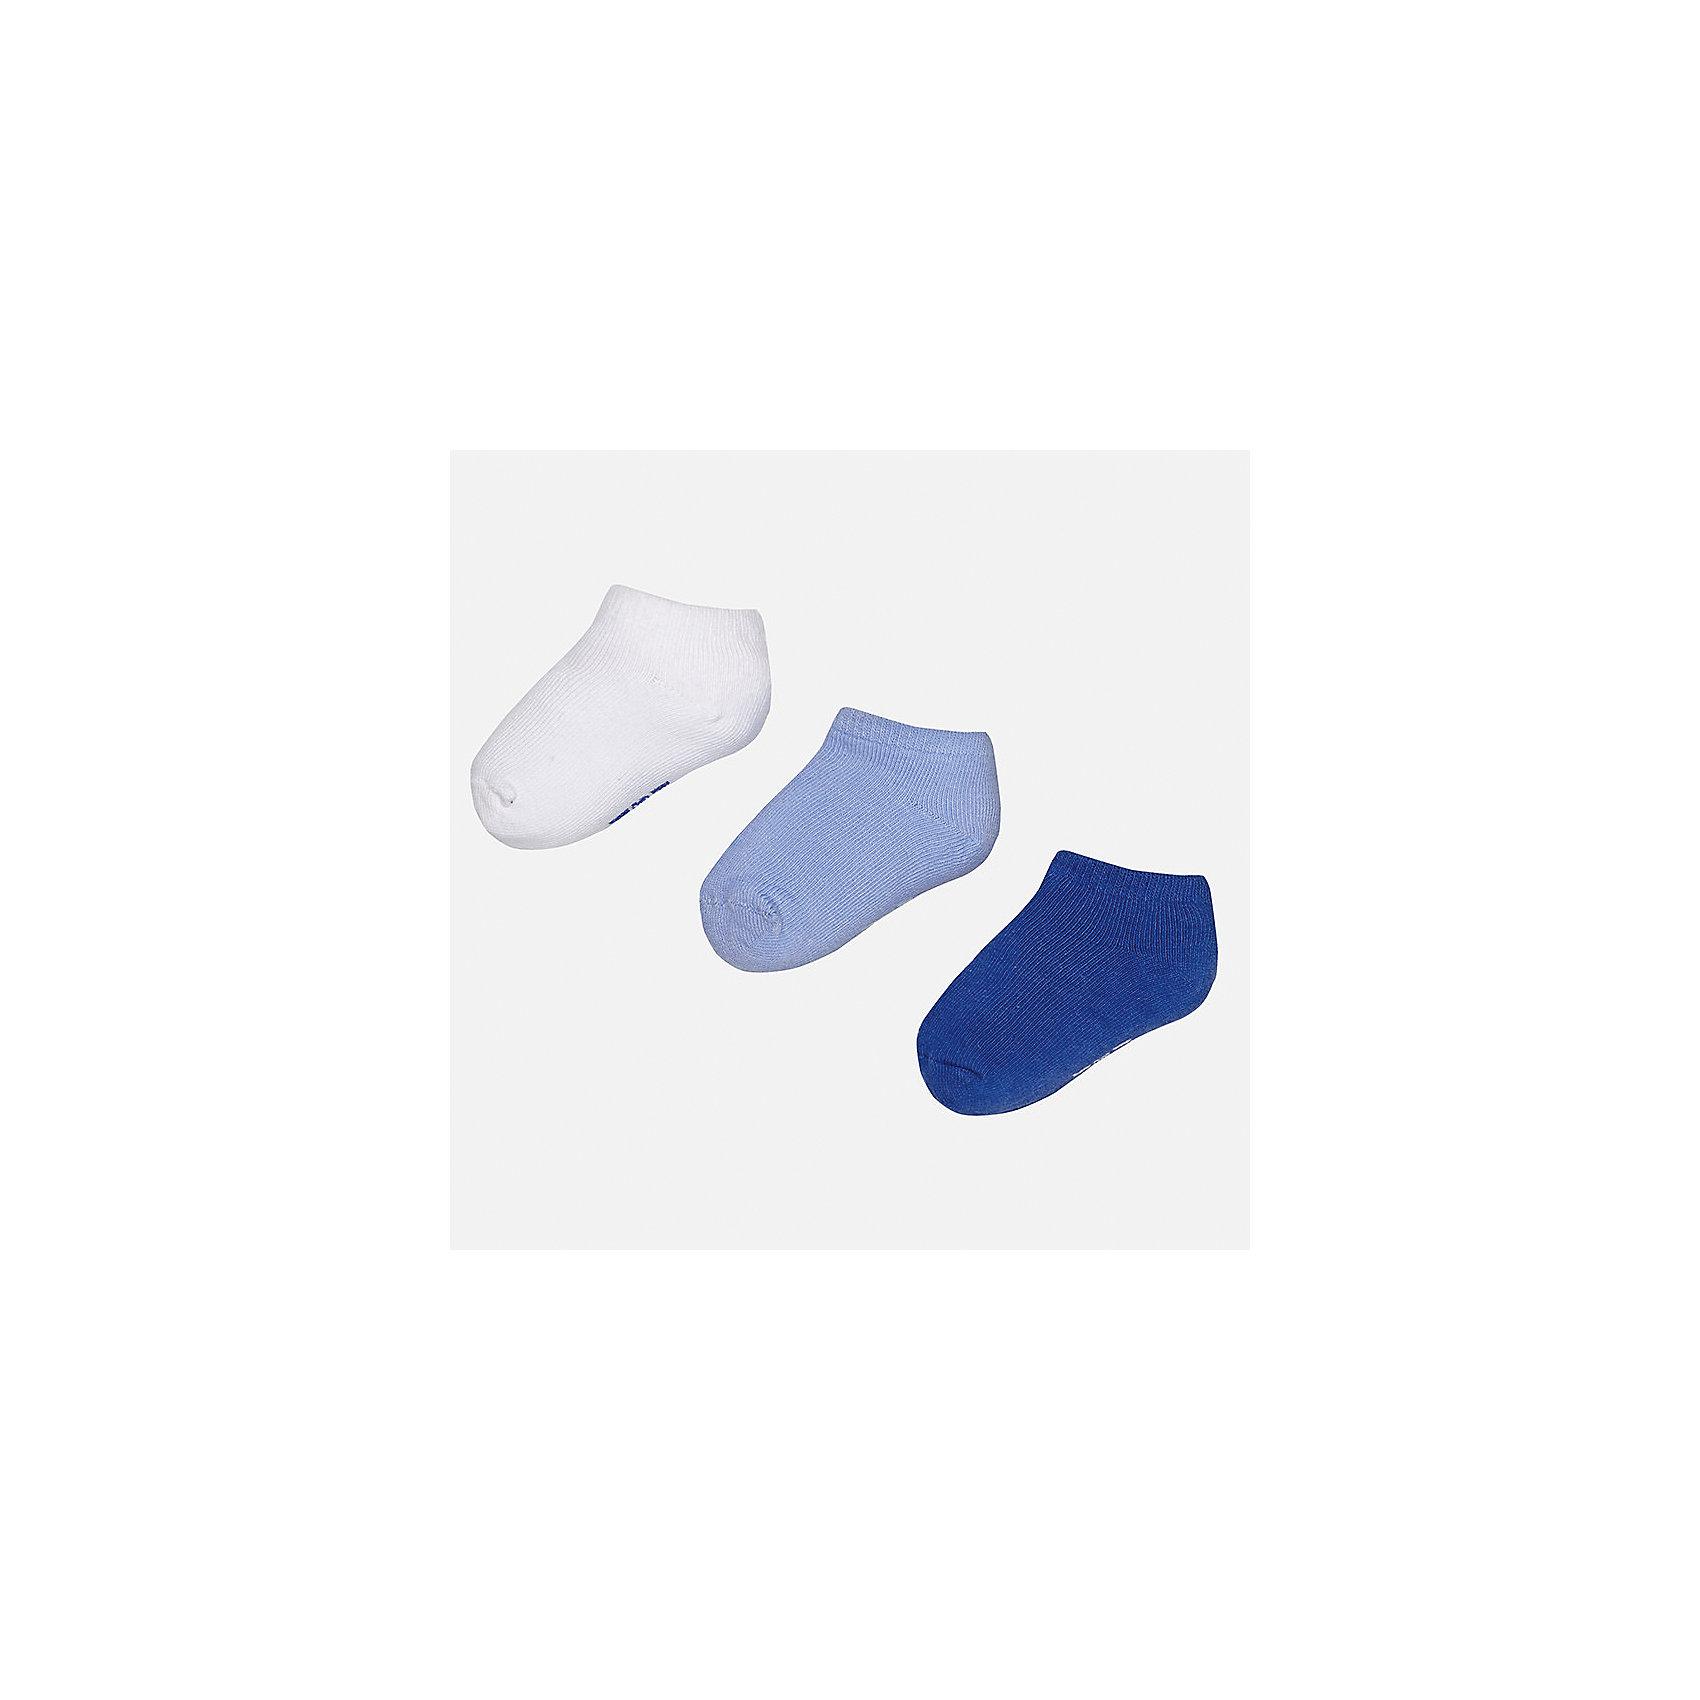 Носки для мальчика MayoralХарактеристики товара:<br><br>• цвет: белый/голубой/синий<br>• состав: 72% хлопок, 25% полиамид, 3% эластан<br>• комплектация: три пары<br>• мягкая резинка<br>• эластичный материал<br>• однотонные<br>• страна бренда: Испания<br><br>Удобные симпатичные носки для мальчика помогут обеспечить ребенку комфорт и дополнить наряд. Универсальный цвет позволяет надевать их под обувь разных расцветок. Носки удобно сидят на ноге и аккуратно смотрятся. Этот комплект - практичный и красивый! В составе материала - натуральный хлопок, гипоаллергенный, приятный на ощупь, дышащий. <br><br>Одежда, обувь и аксессуары от испанского бренда Mayoral полюбились детям и взрослым по всему миру. Модели этой марки - стильные и удобные. Для их производства используются только безопасные, качественные материалы и фурнитура. Порадуйте ребенка модными и красивыми вещами от Mayoral! <br><br>Носки (3 пары) для мальчика от испанского бренда Mayoral (Майорал) можно купить в нашем интернет-магазине.<br><br>Ширина мм: 87<br>Глубина мм: 10<br>Высота мм: 105<br>Вес г: 115<br>Цвет: белый<br>Возраст от месяцев: 12<br>Возраст до месяцев: 24<br>Пол: Мужской<br>Возраст: Детский<br>Размер: 2,1<br>SKU: 5294250